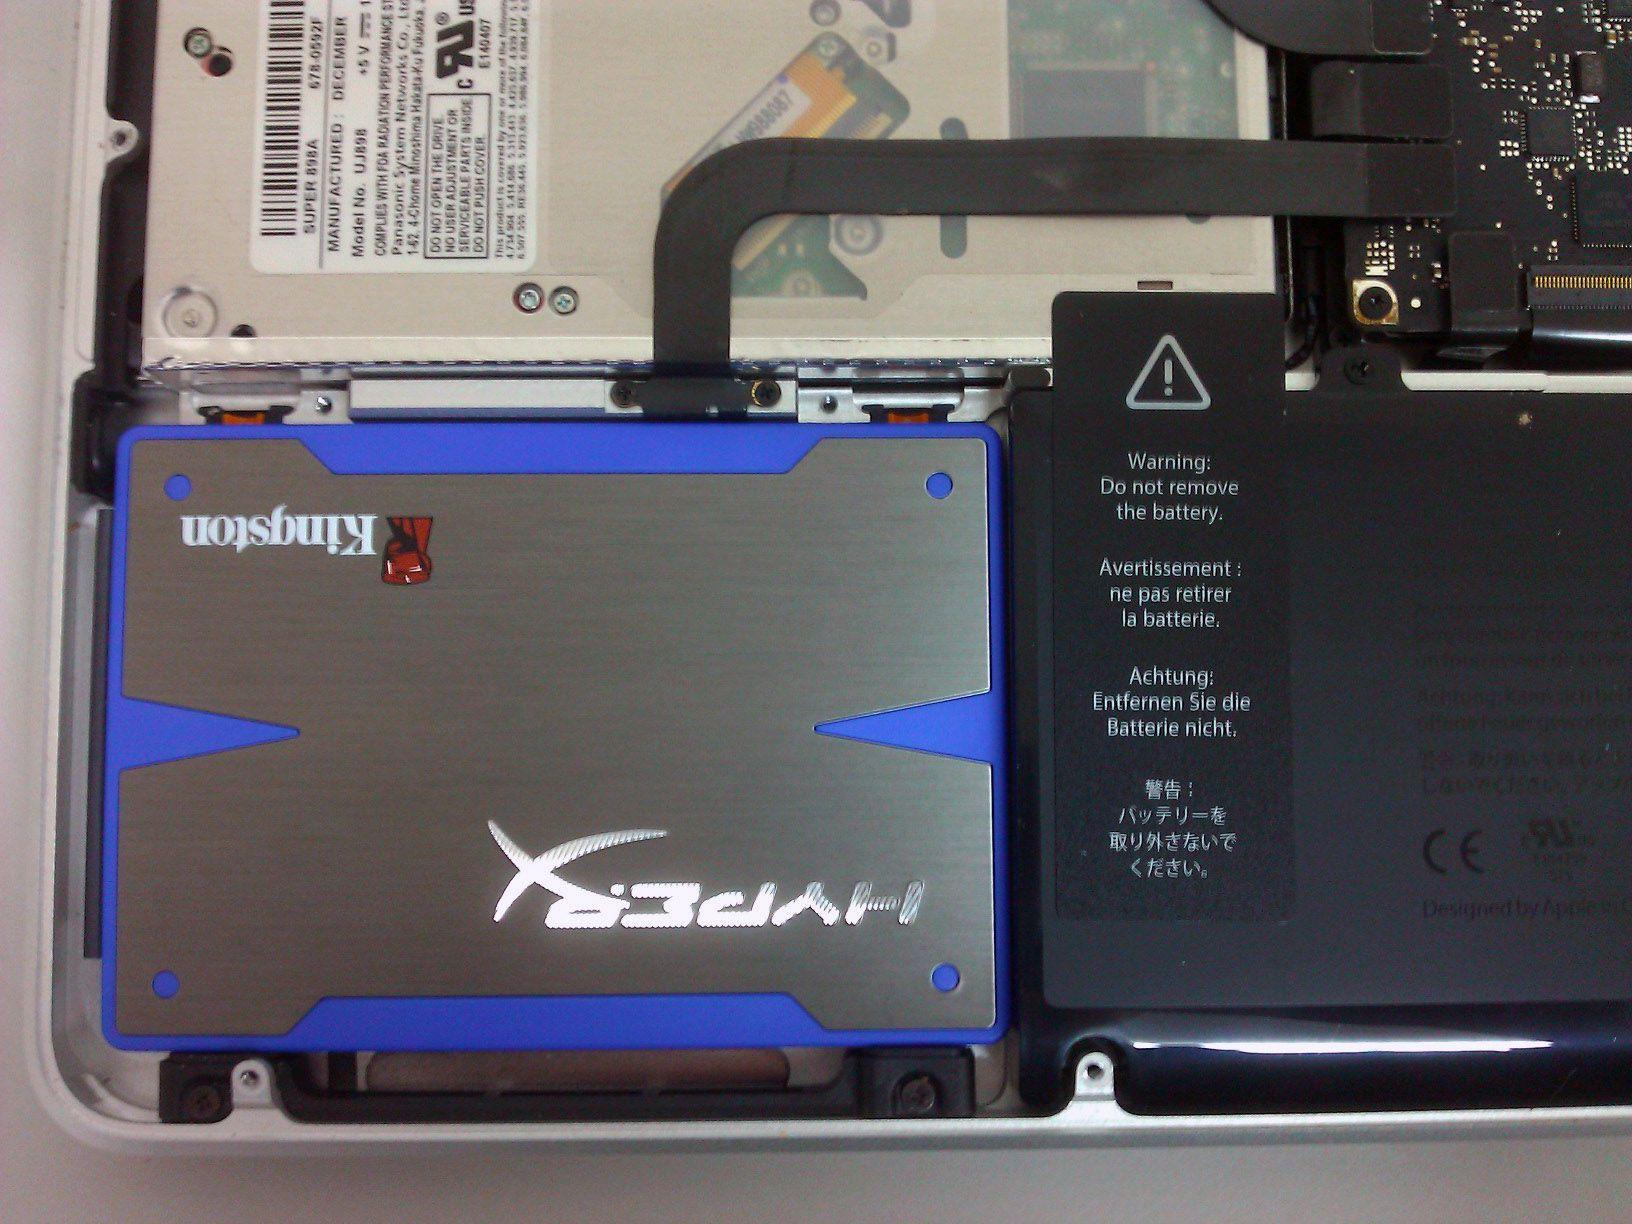 09-So-gehts-MacBook-Pro-mit-SSD-nachruesten-SSD-einsetzen-470.jpg?nocache=1318607700884